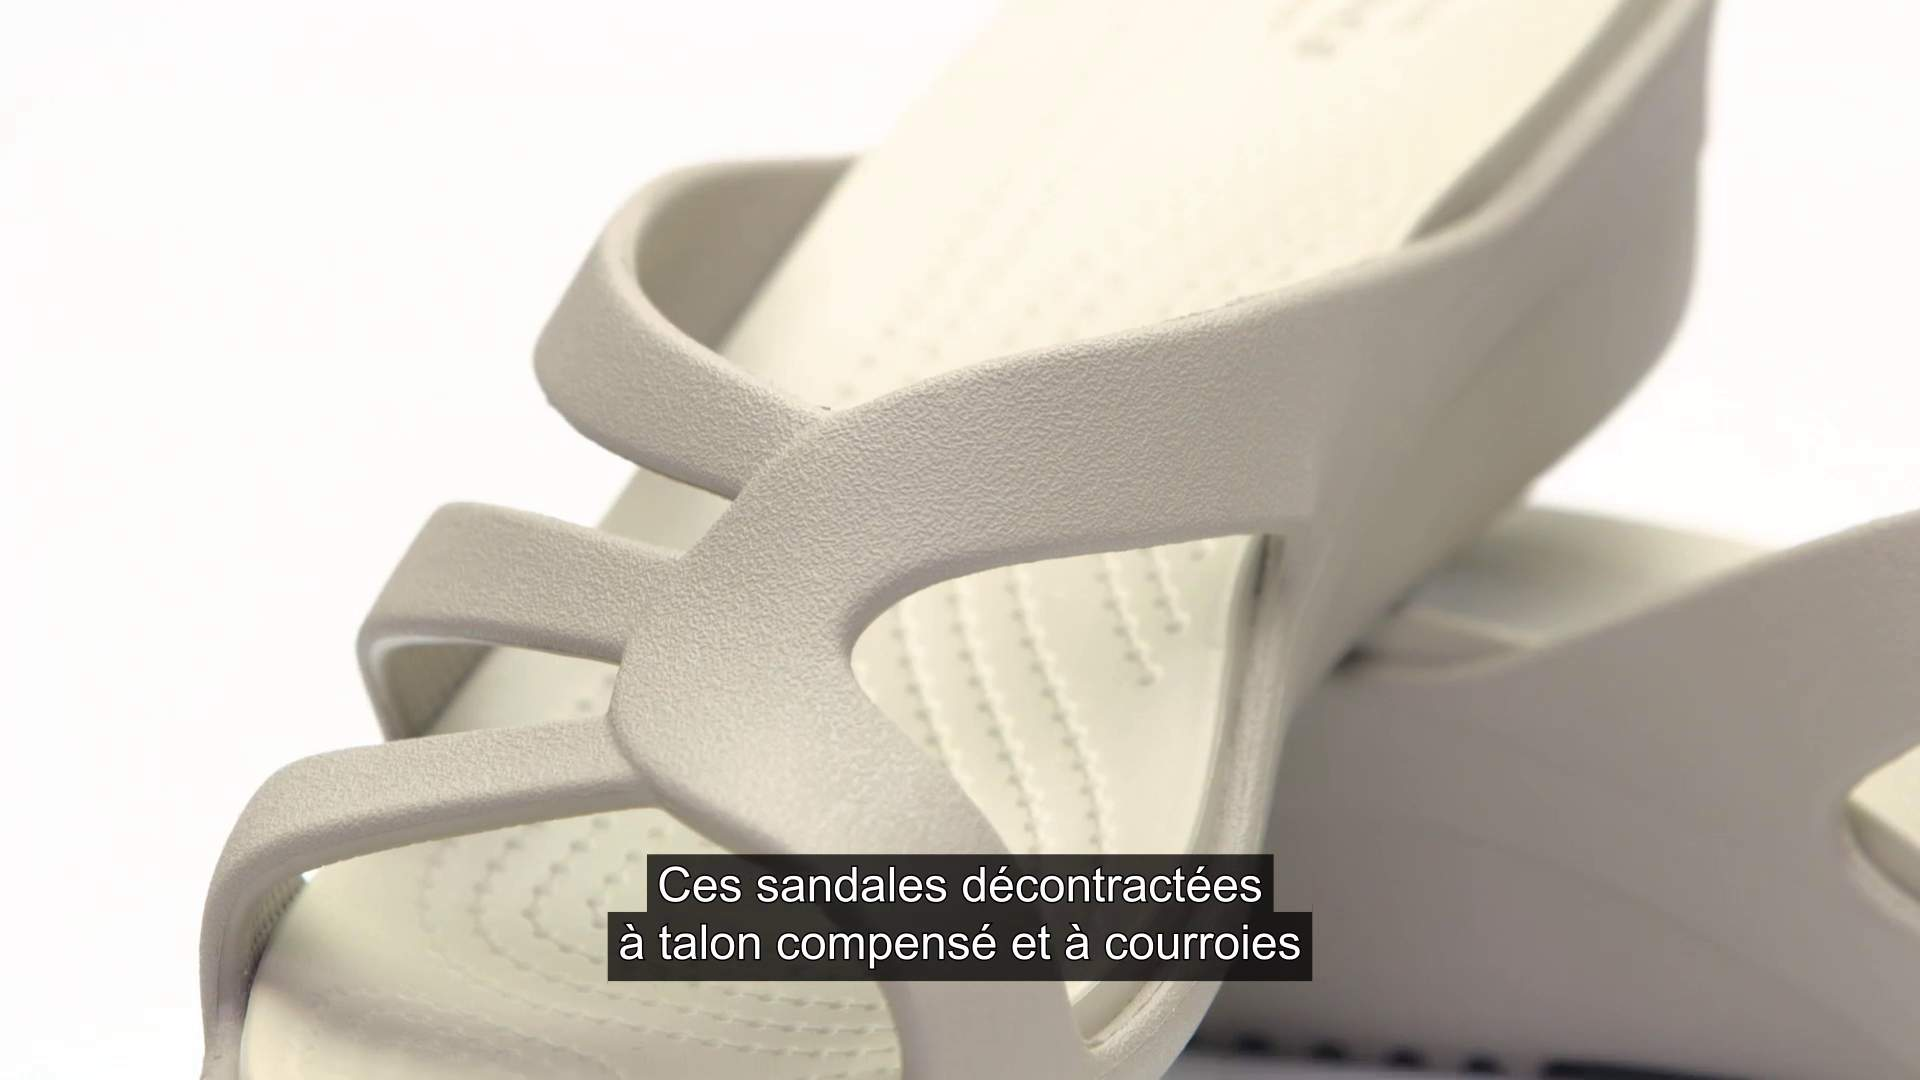 Compensés Pour Sandales Sanrah Talons De Crocs Courroies À Femmes hdCQtsr